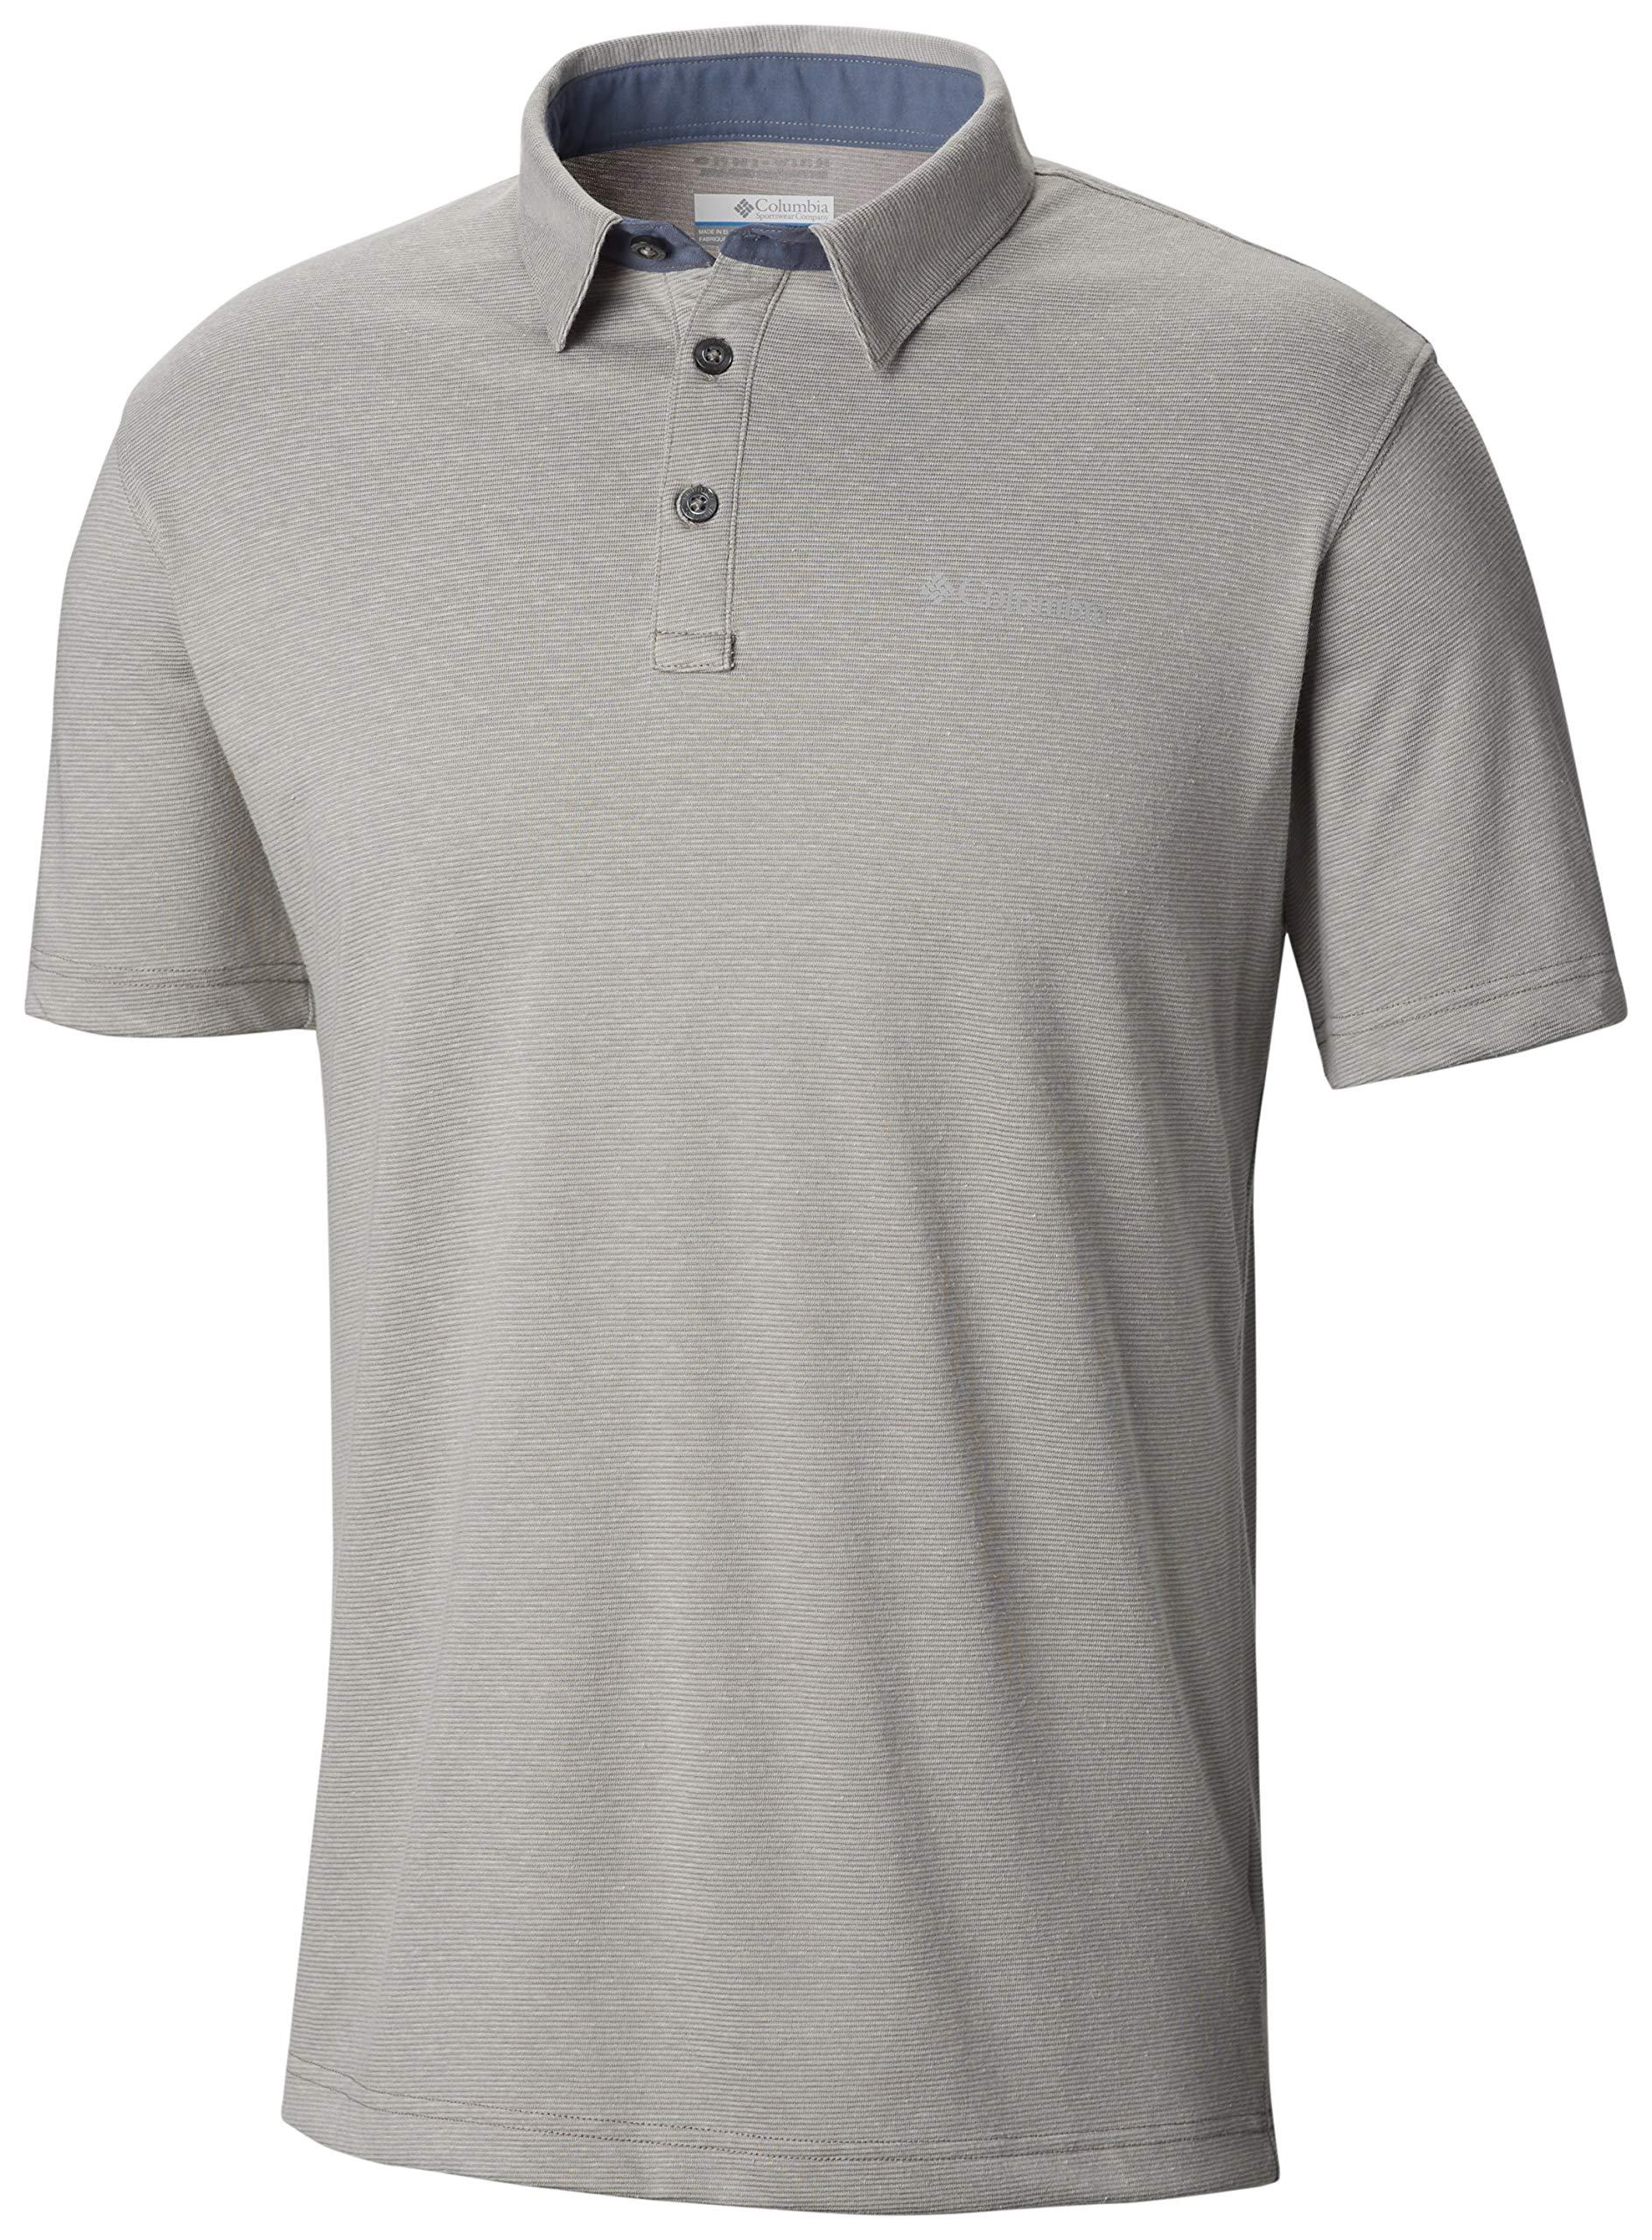 Columbia Thistletown Ridge Polo Shirt